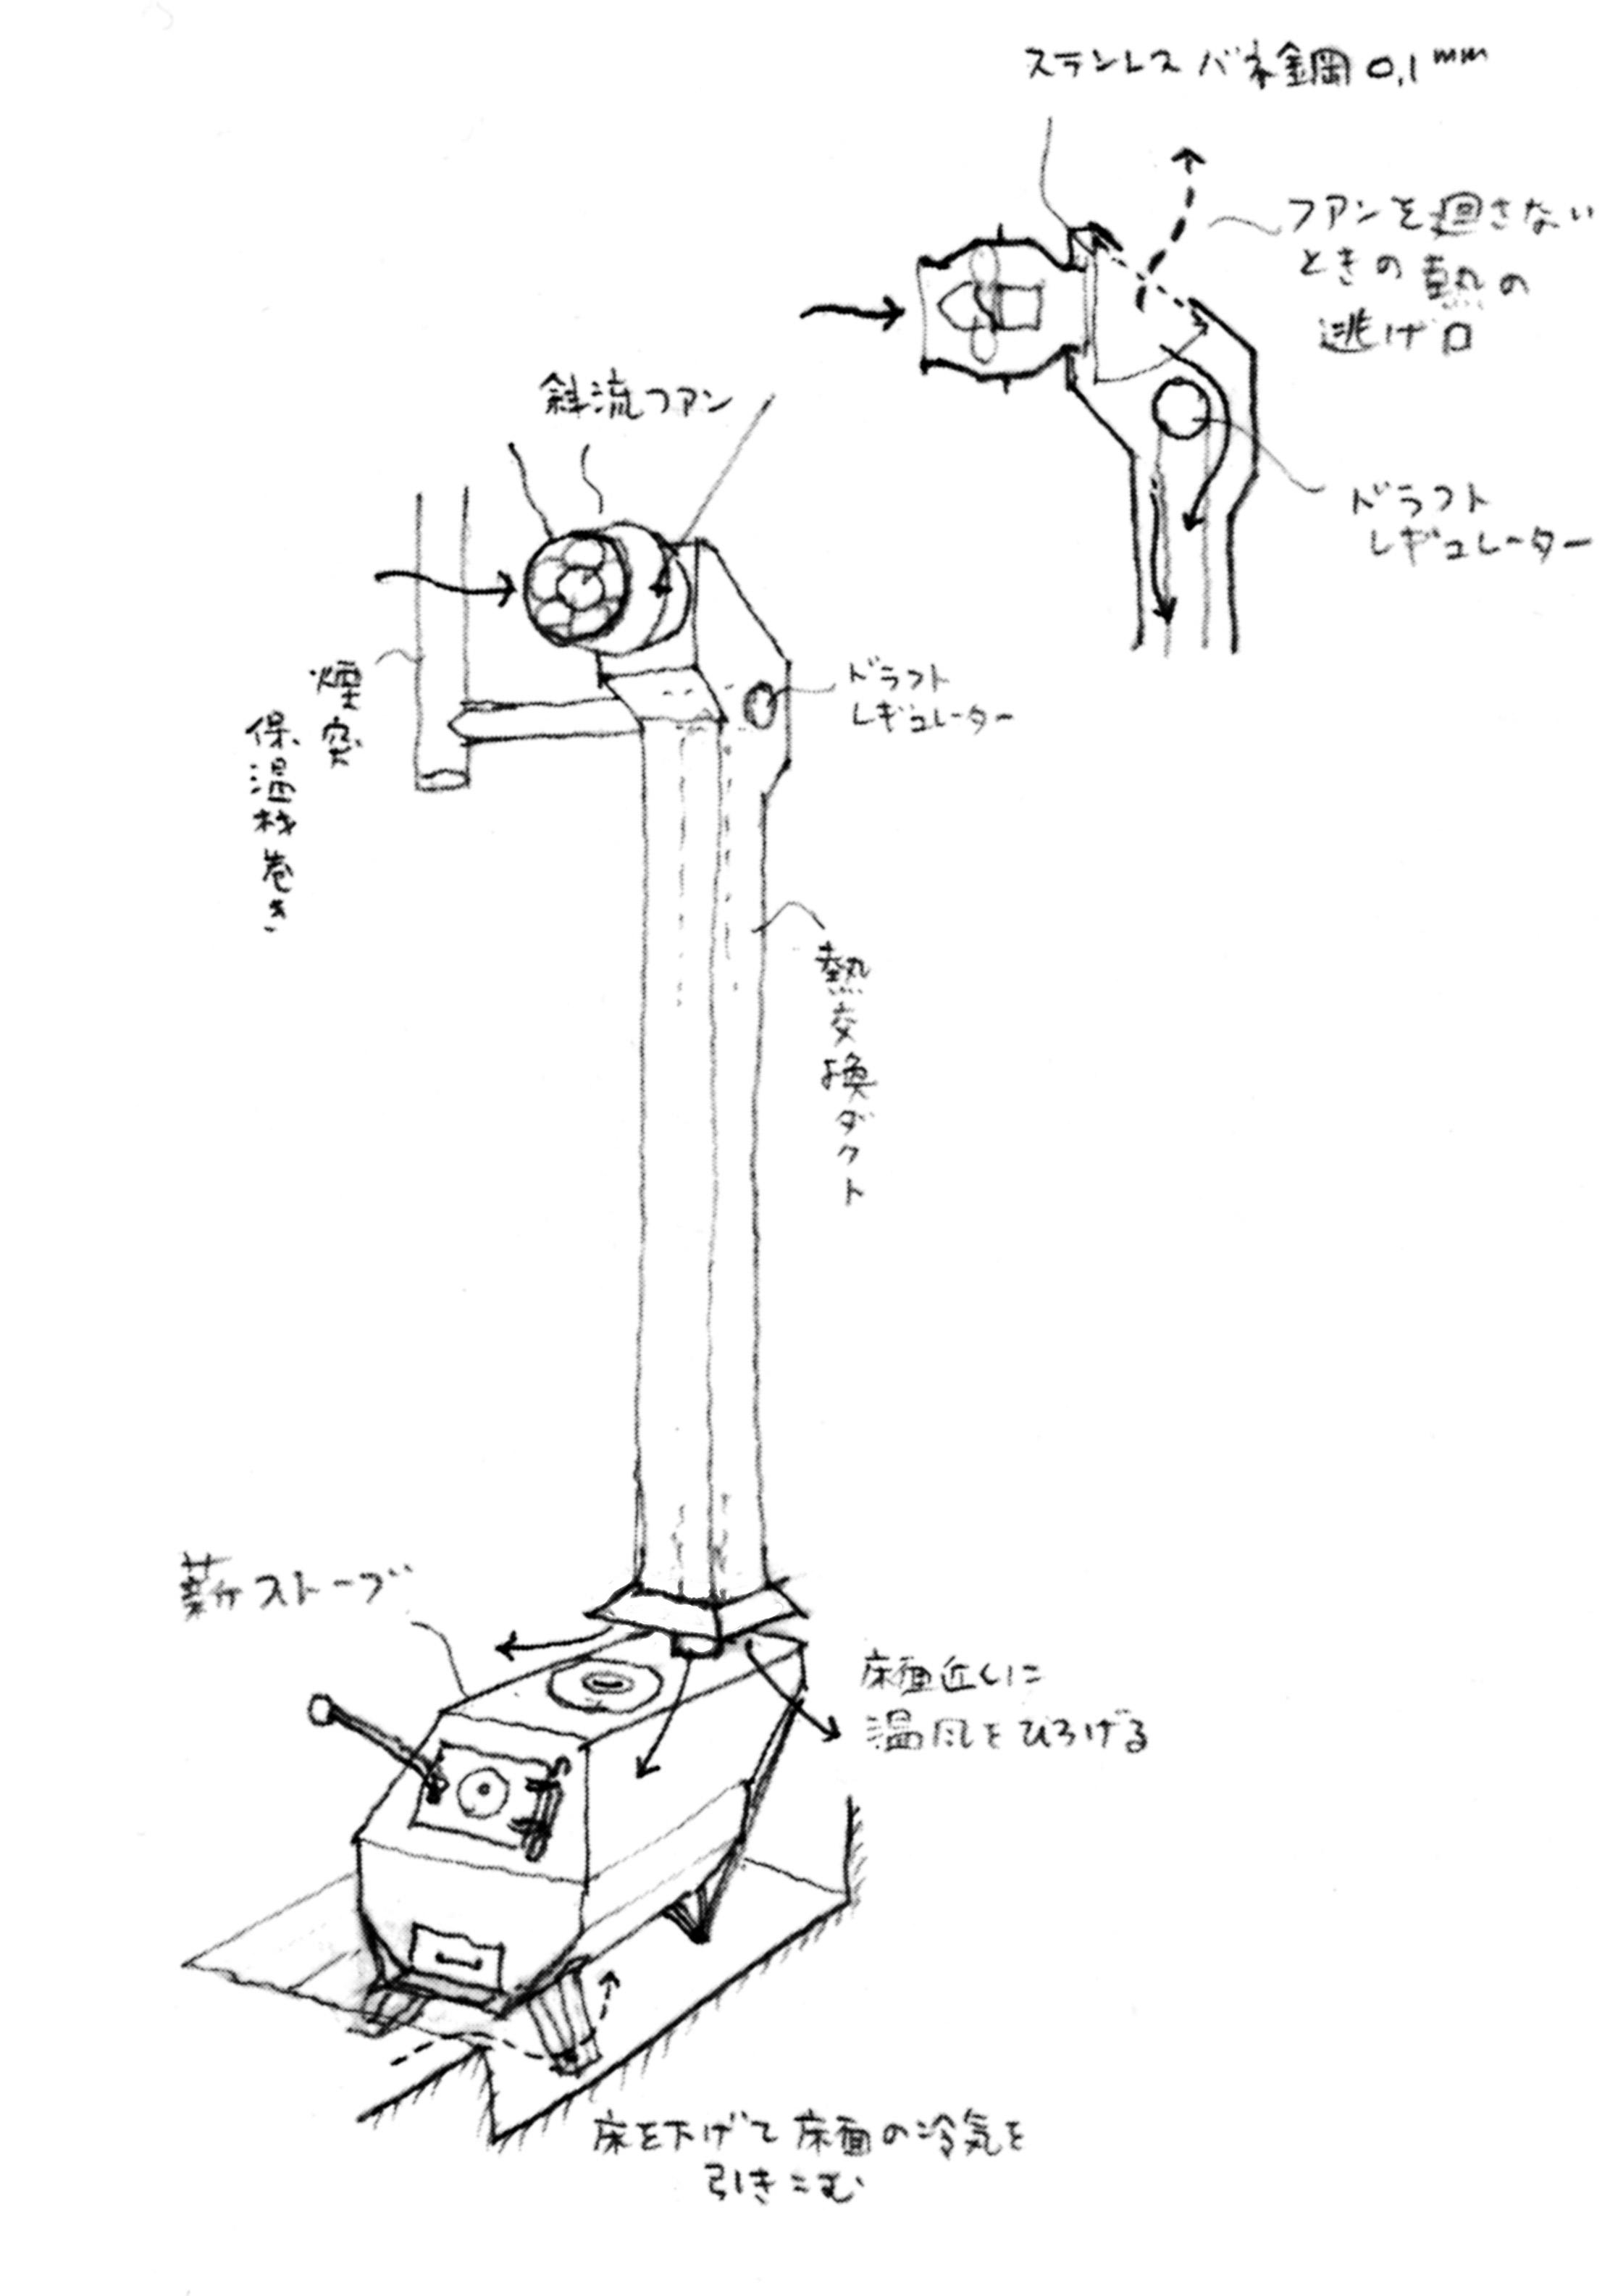 奥村昭雄設計:薪ストーブ「煙道熱交換方式」の図